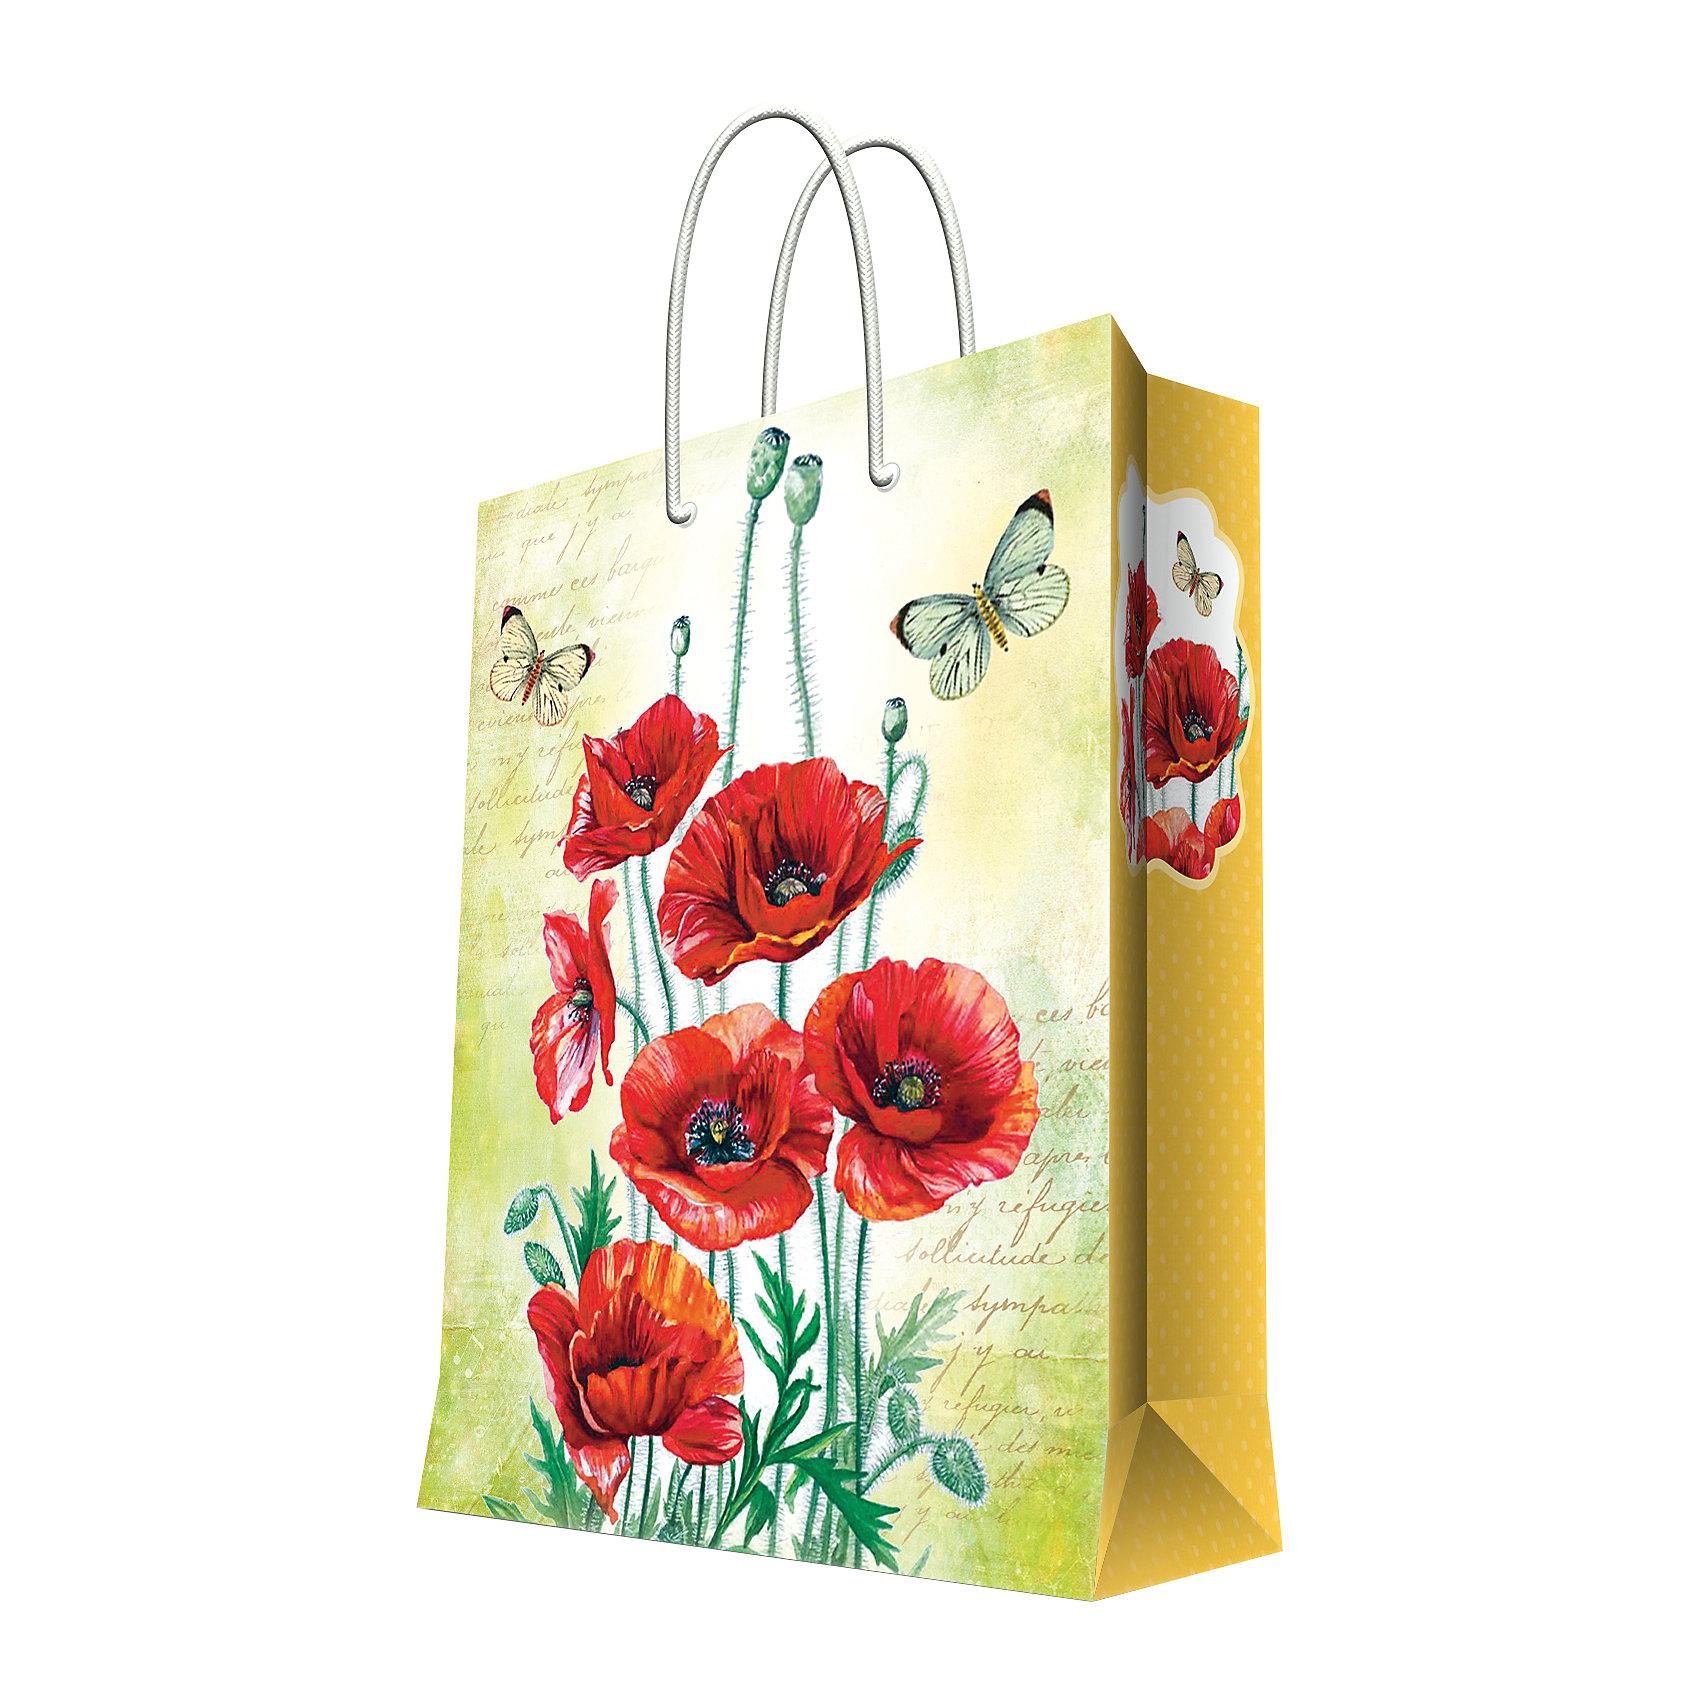 Феникс-Презент Подарочный пакет Маки 26*32,4*12,7 см magic time подарочный пакет новогодняя лампа 26 32 4 12 7 см